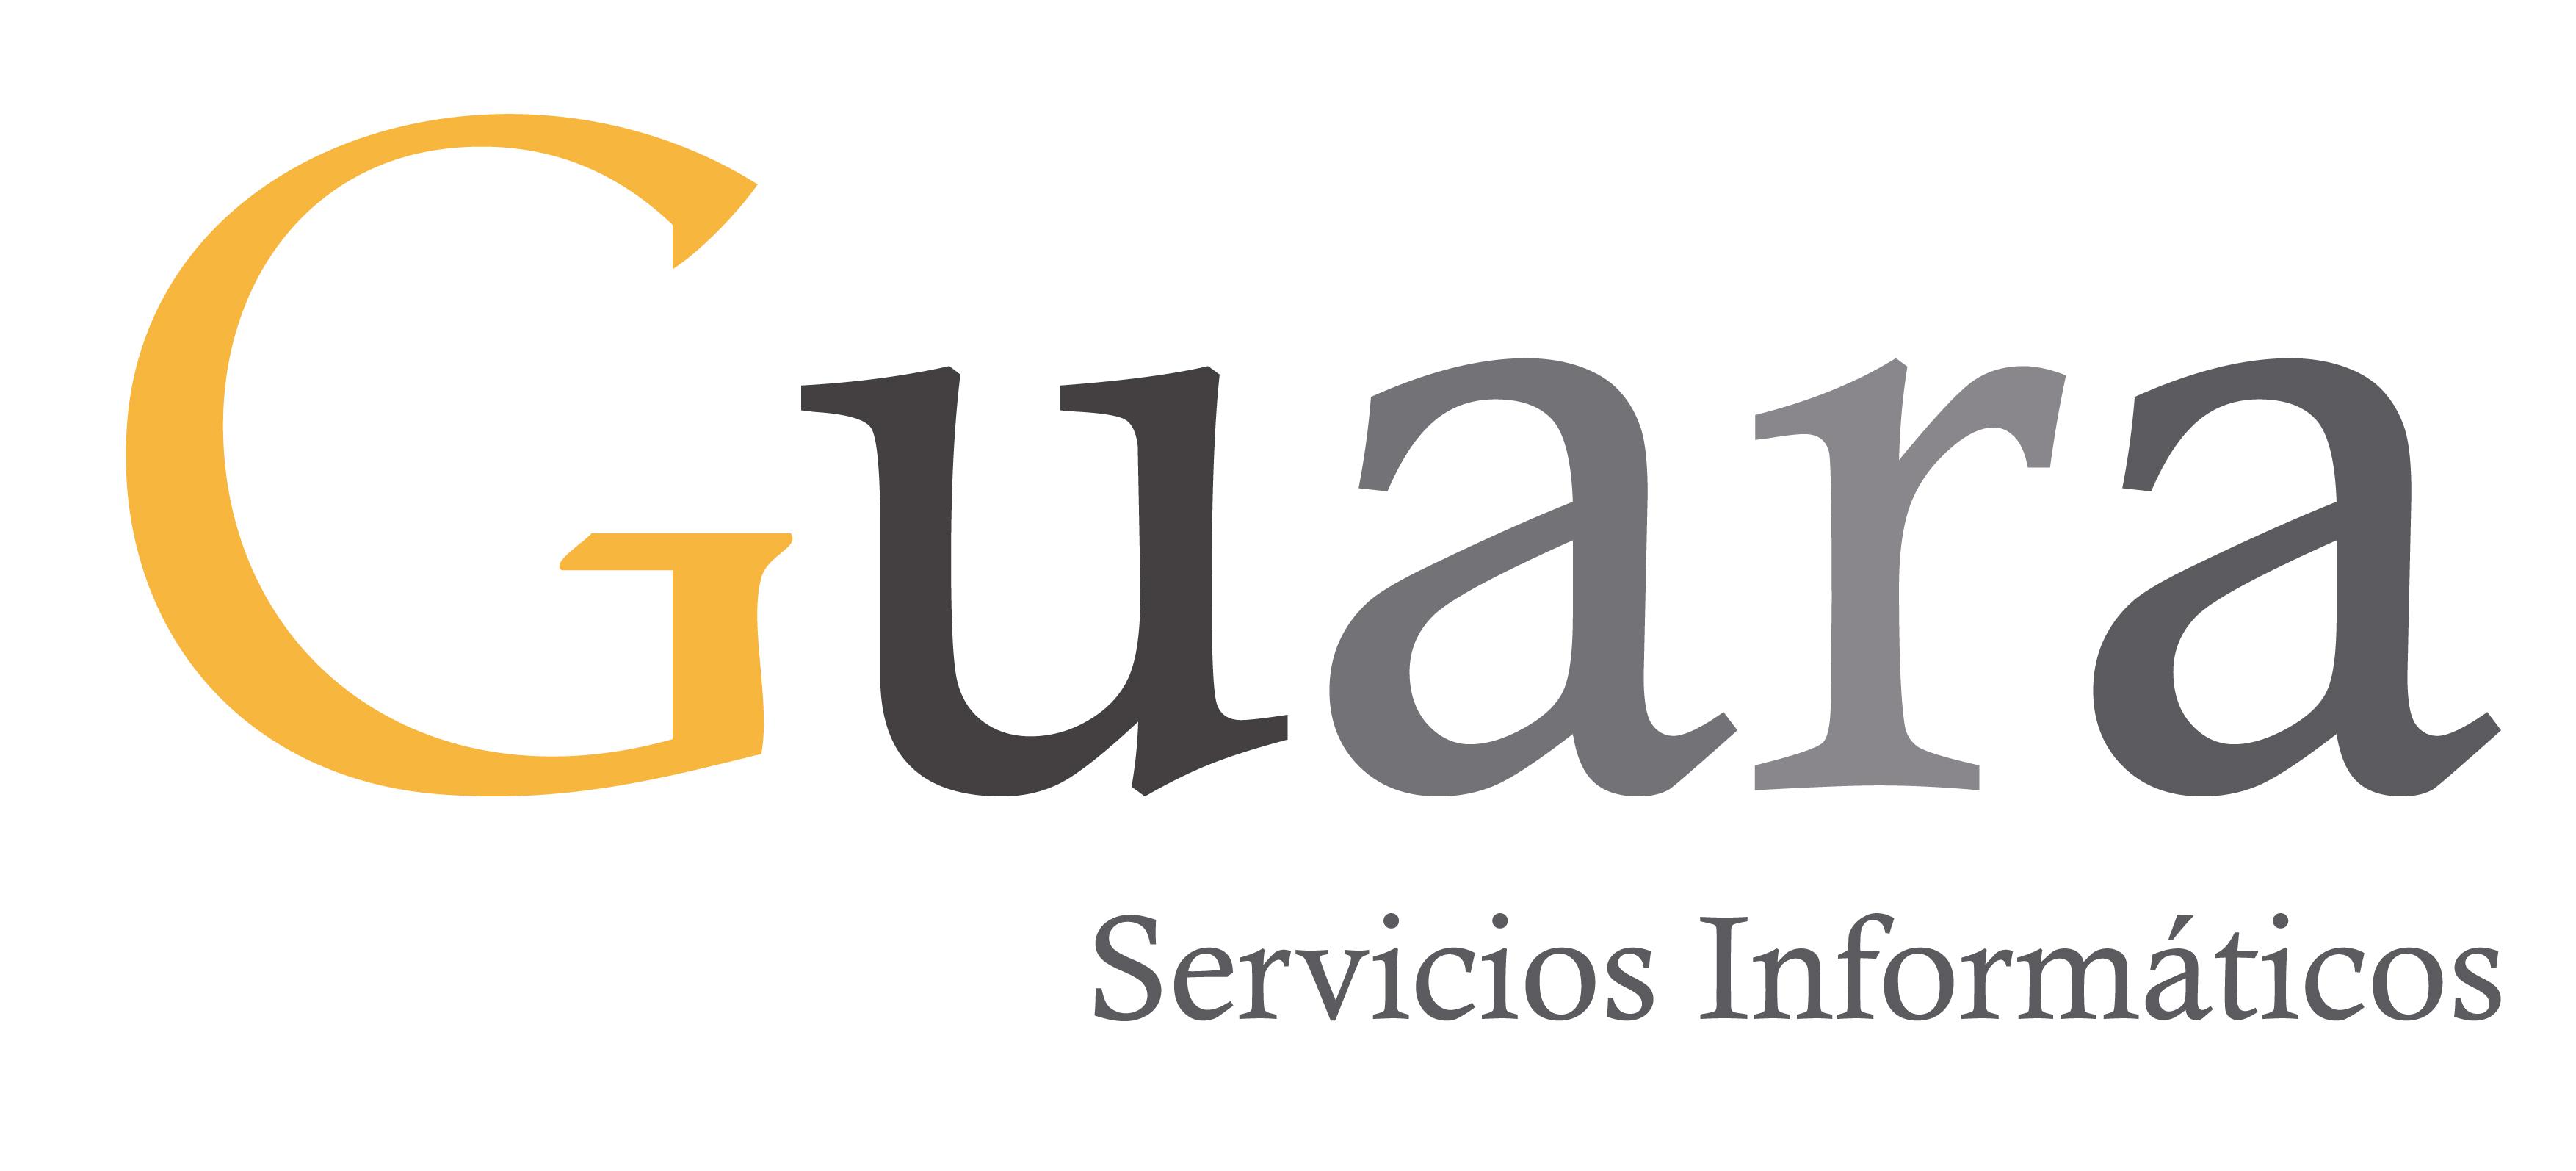 Guara Servicios Informaticos